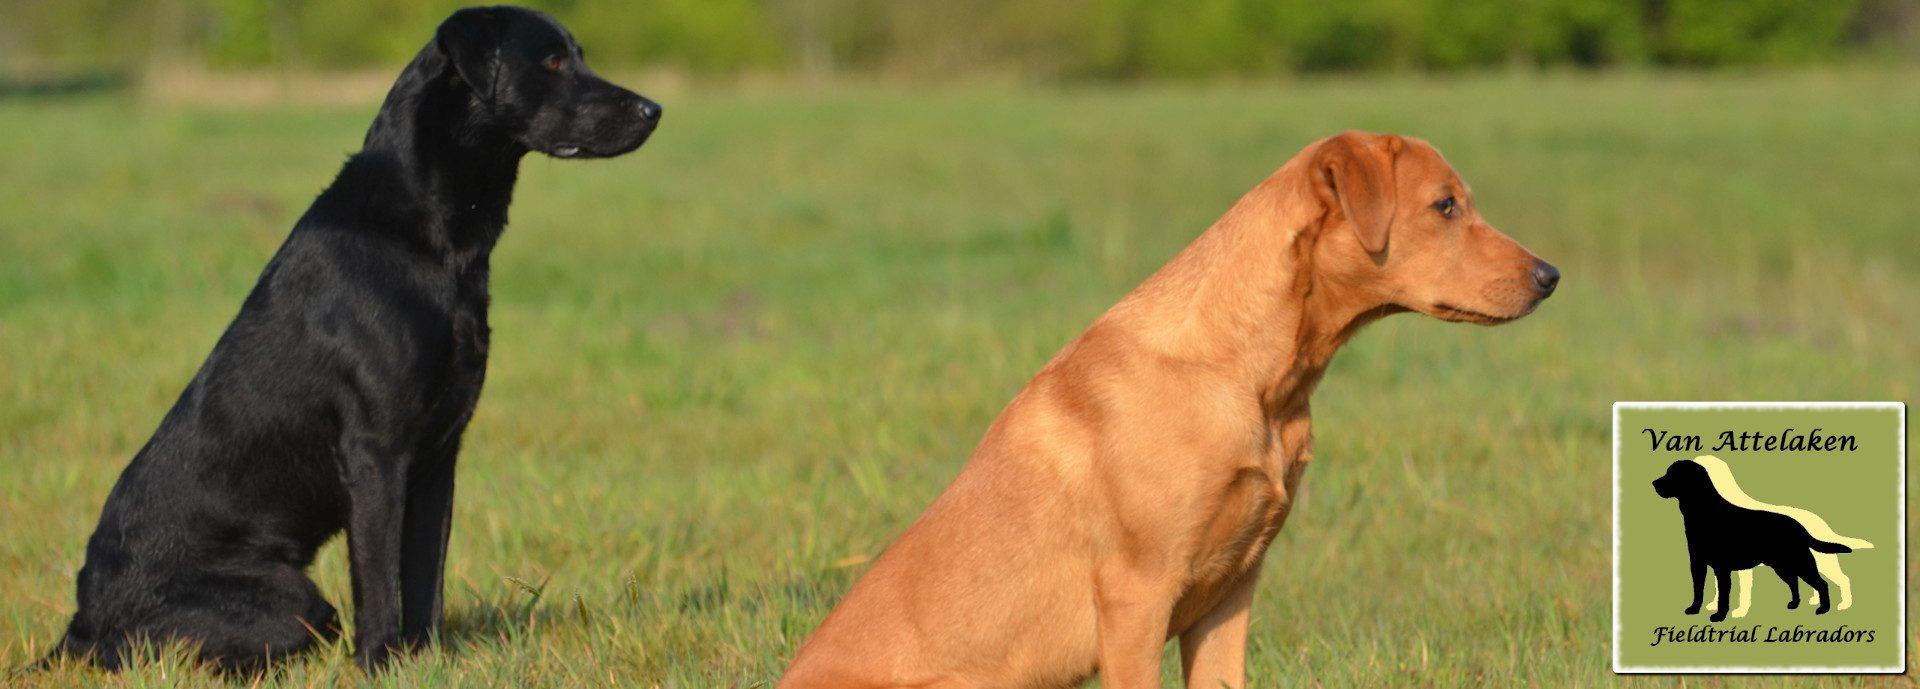 Van Attelaken Fieldtrial Labradors